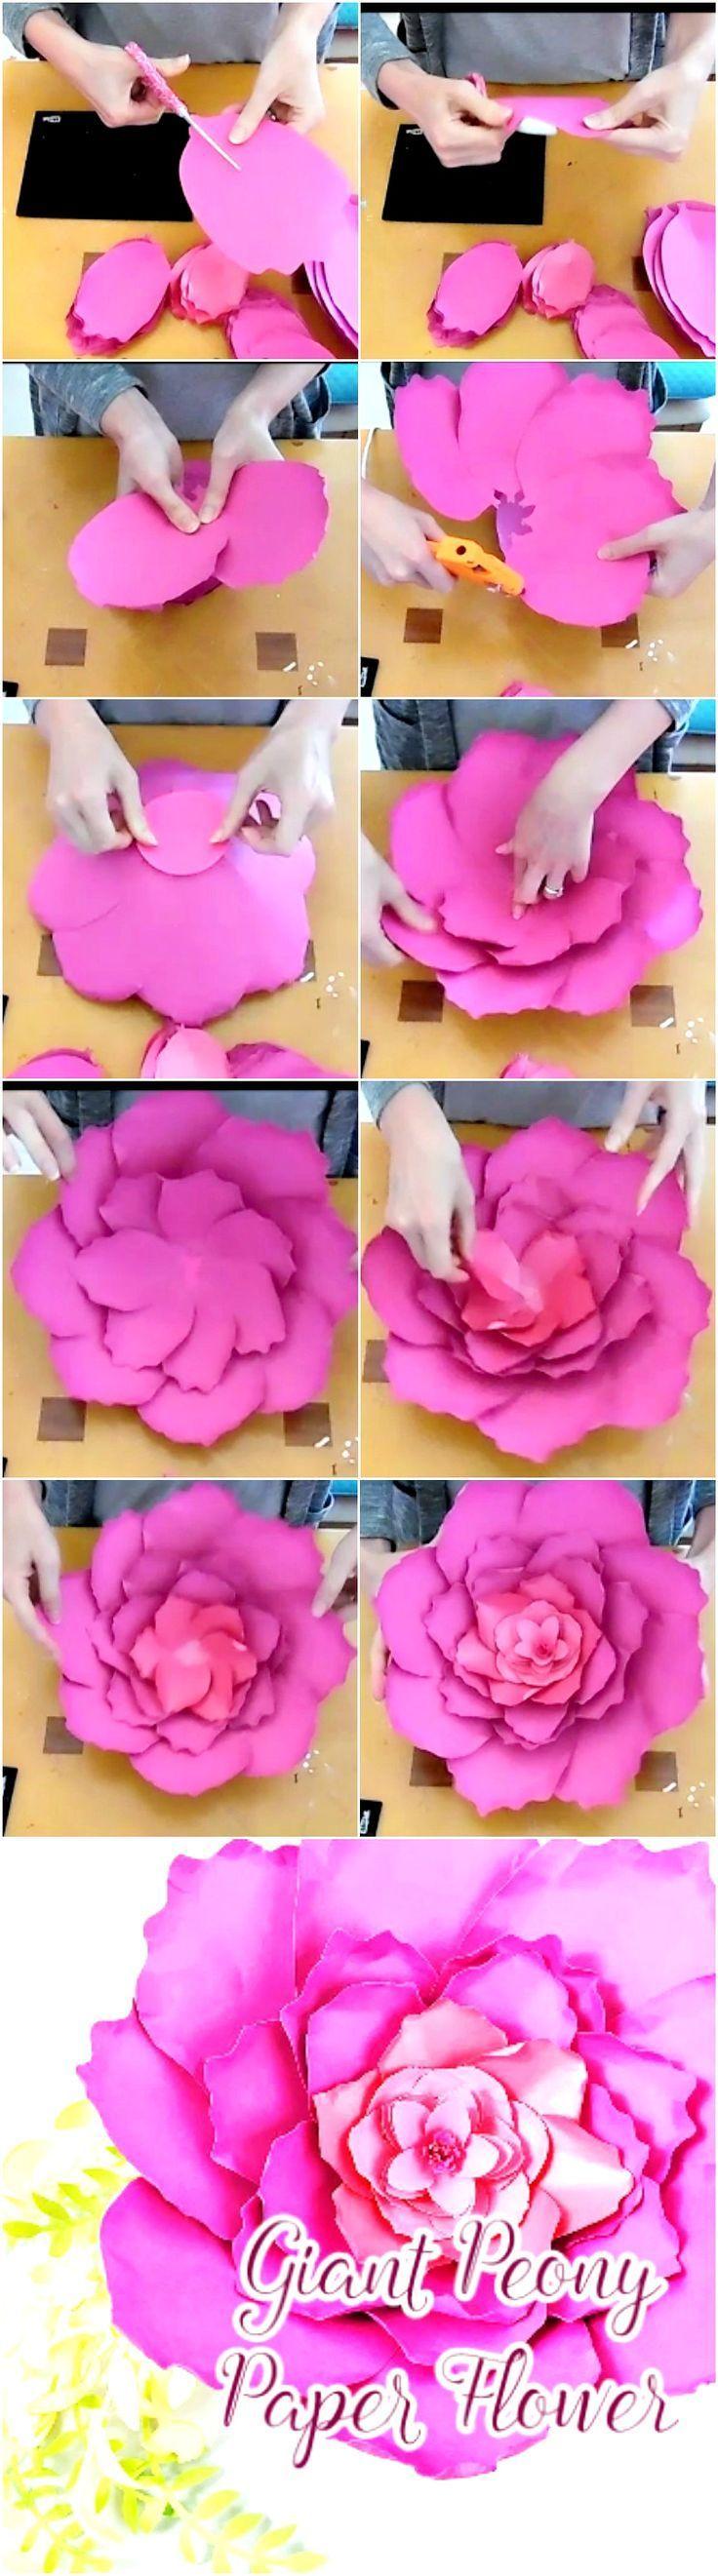 Fleur En Papier Crepon Facile A Faire tout giant peony, paper flower templates and tutorials. paper flower